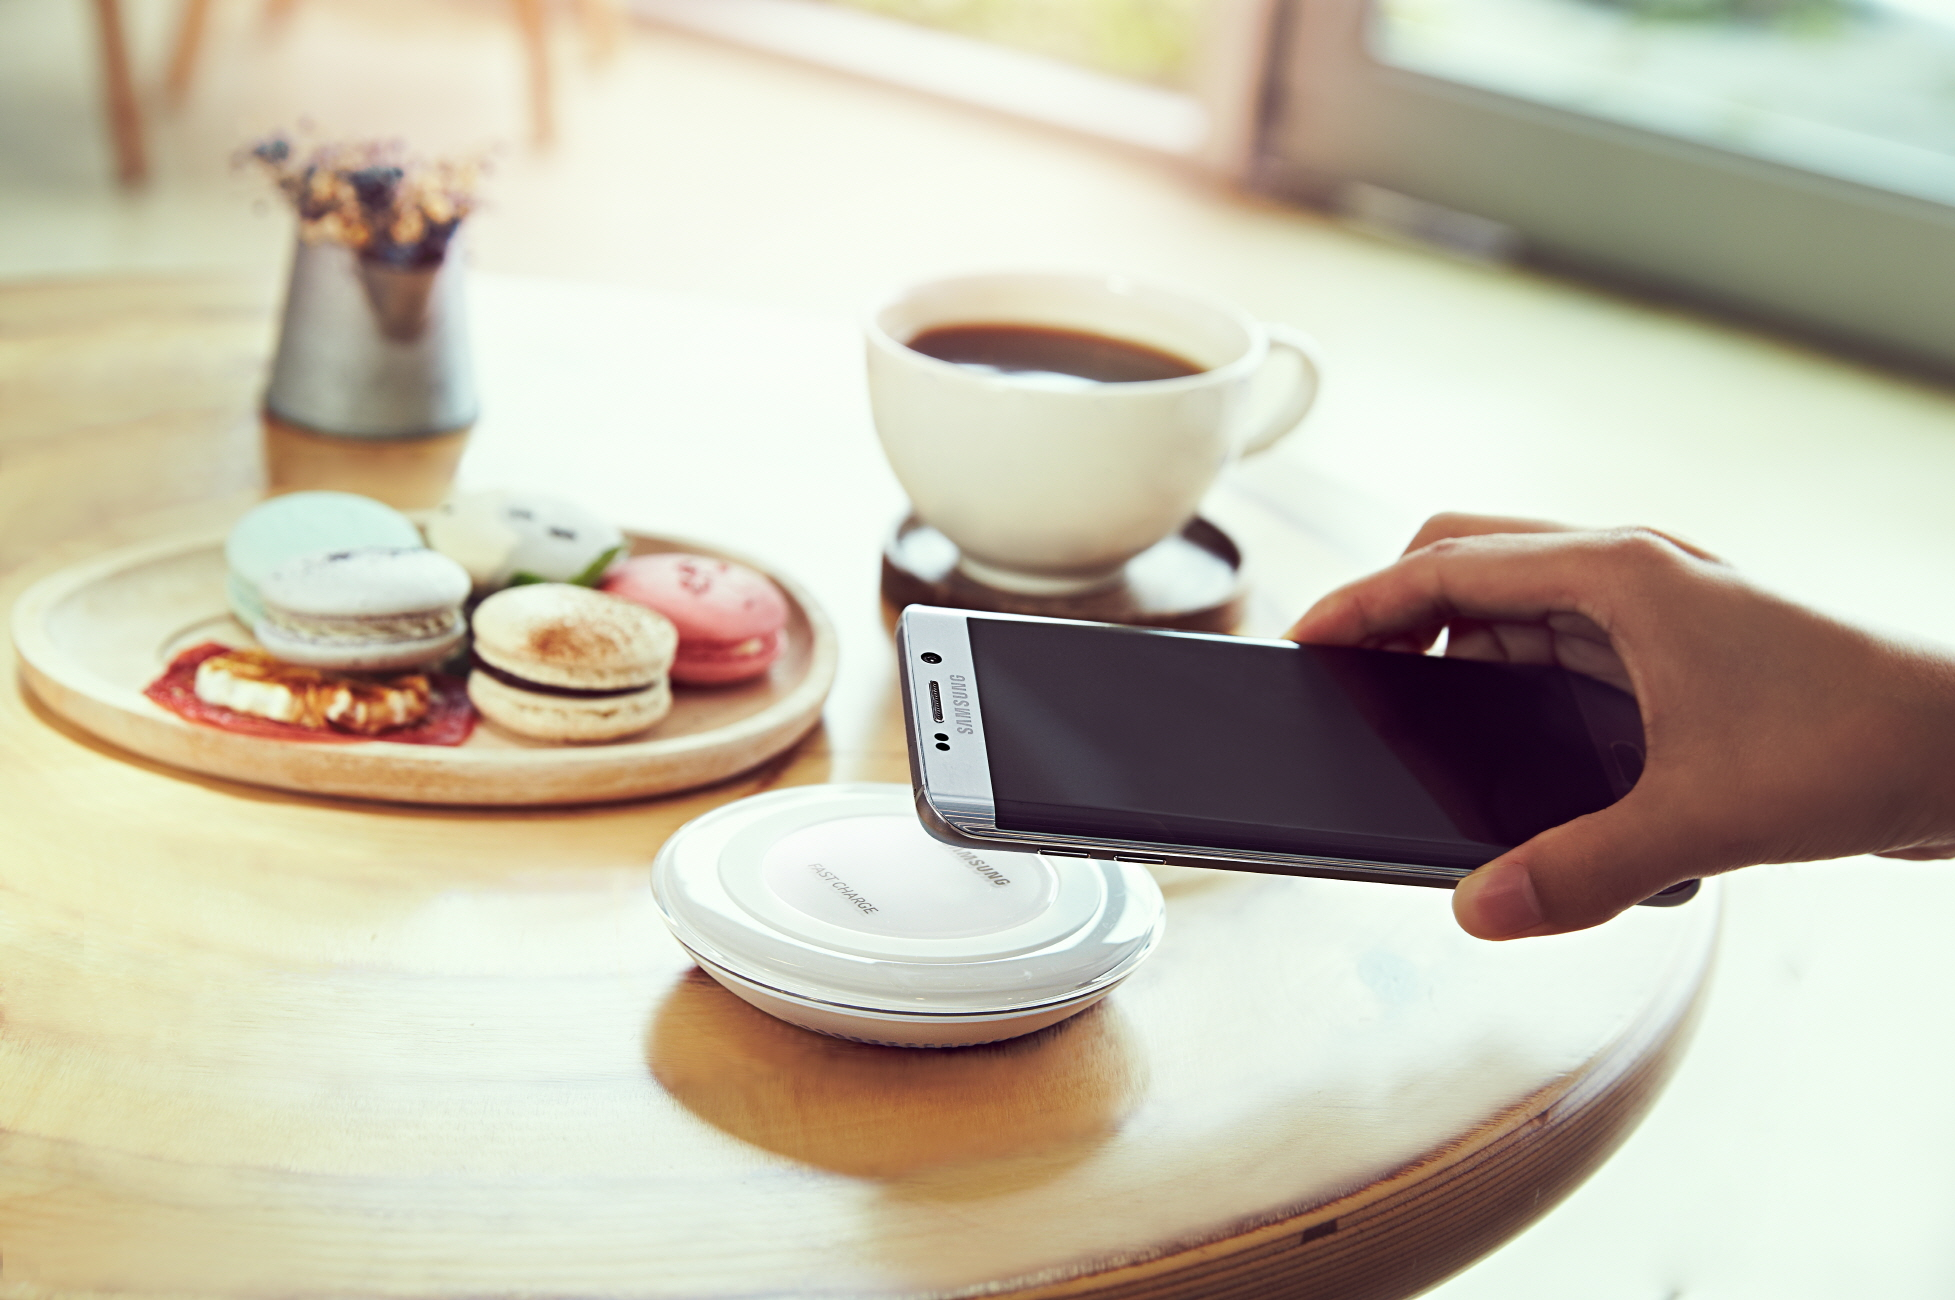 پد شارژ بی سیم Fast Charge سامسونگ به قیمت ۶۹.۹۹ دلار